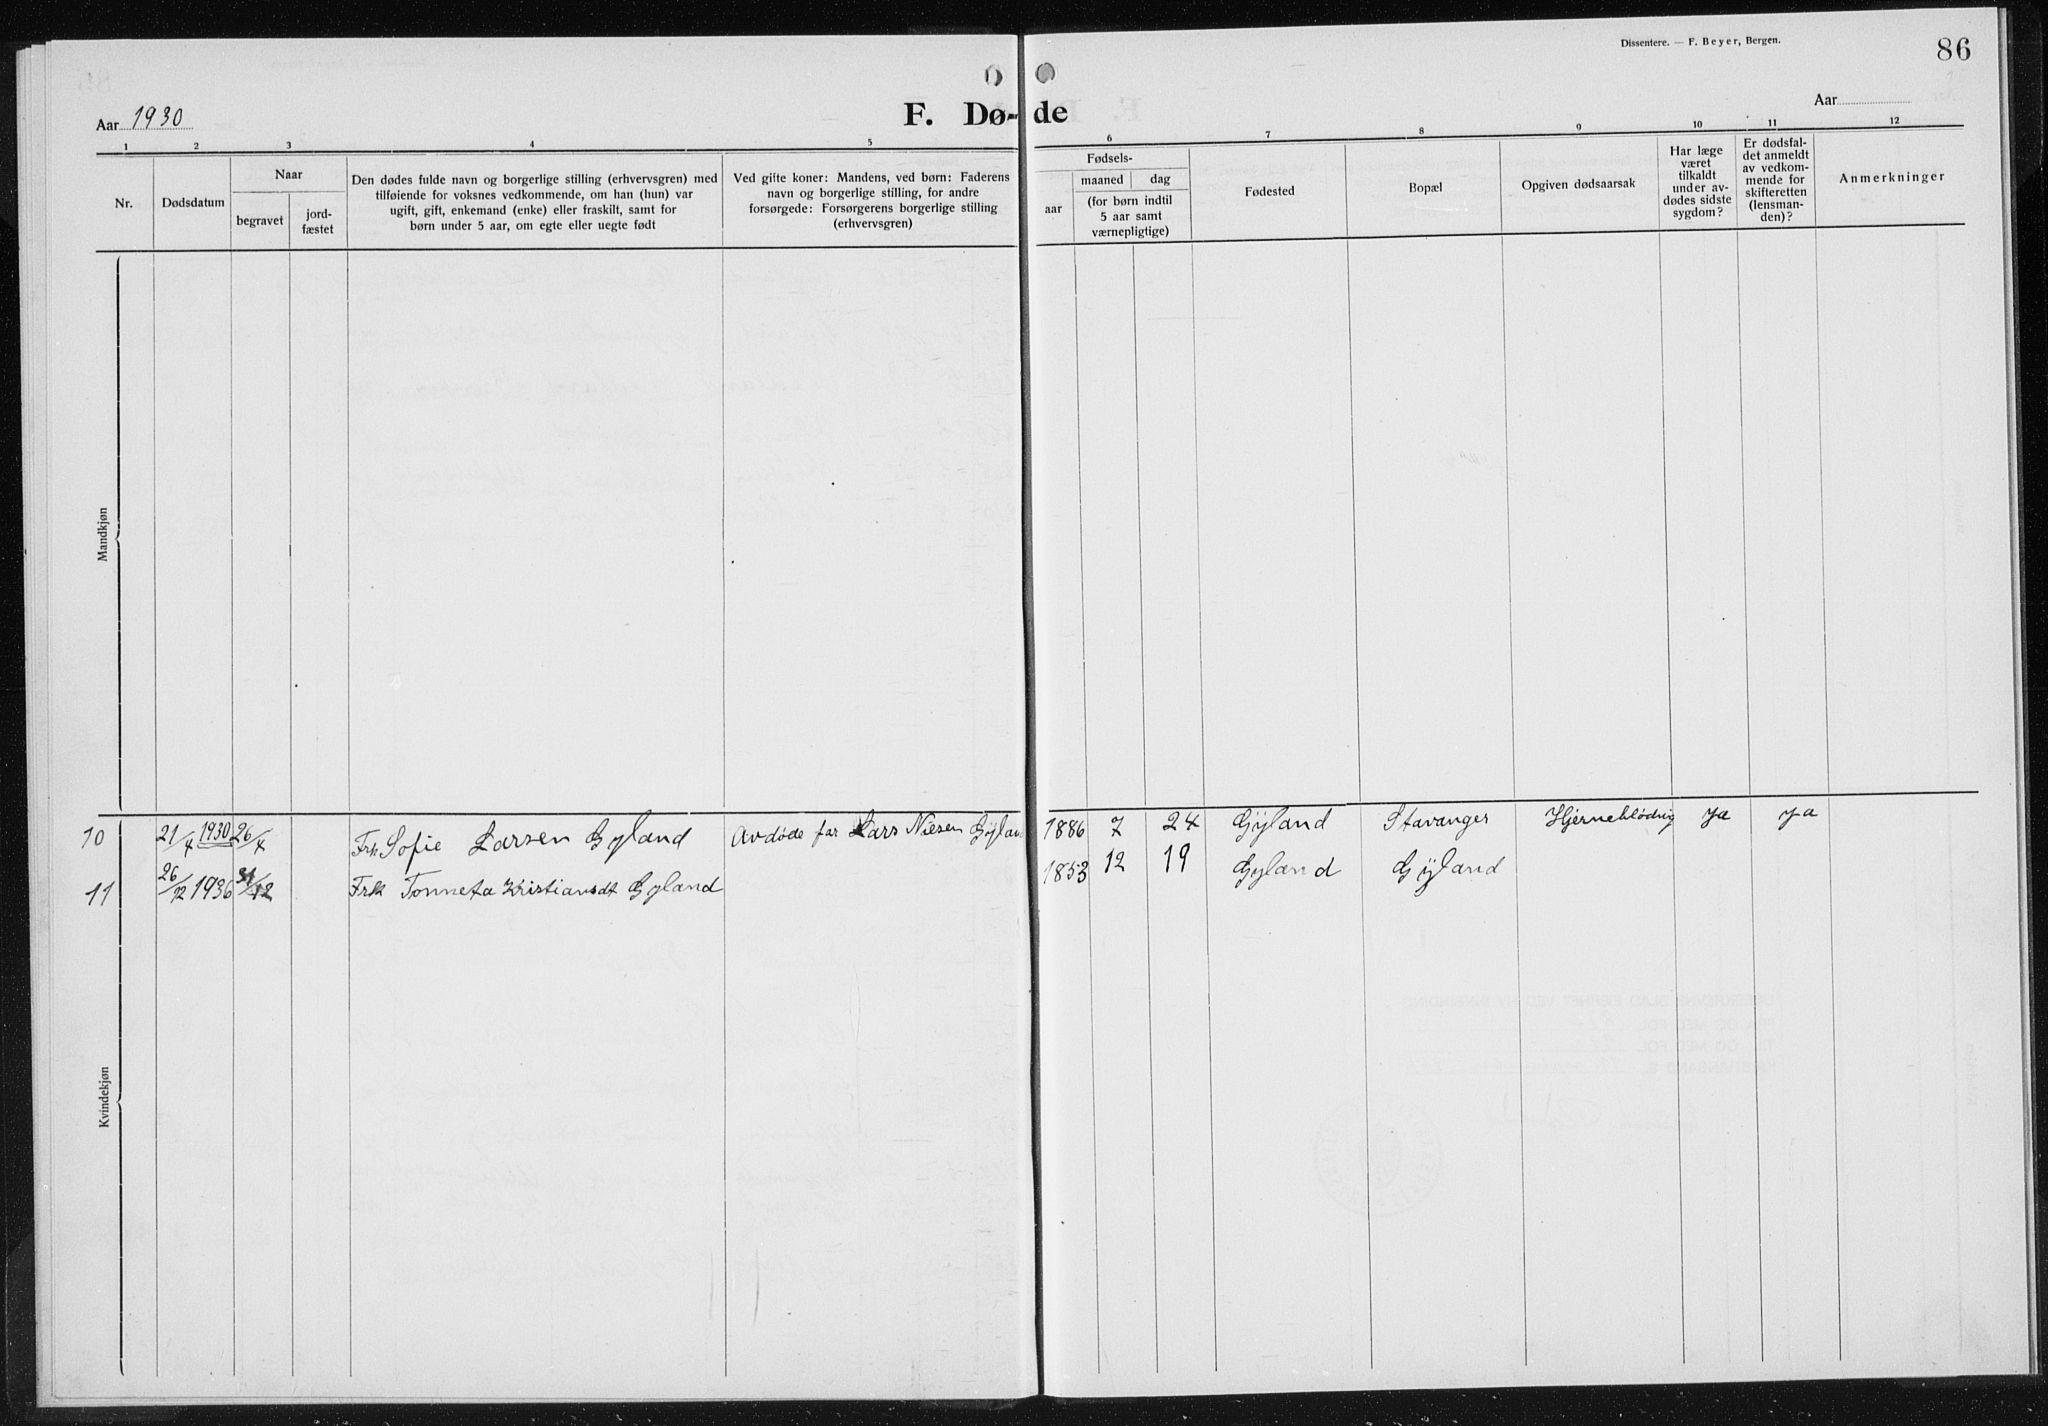 SAK, Baptistmenigheten i Gyland, F/Fa/L0001: Dissenterprotokoll nr. F 1, 1902-1937, s. 86